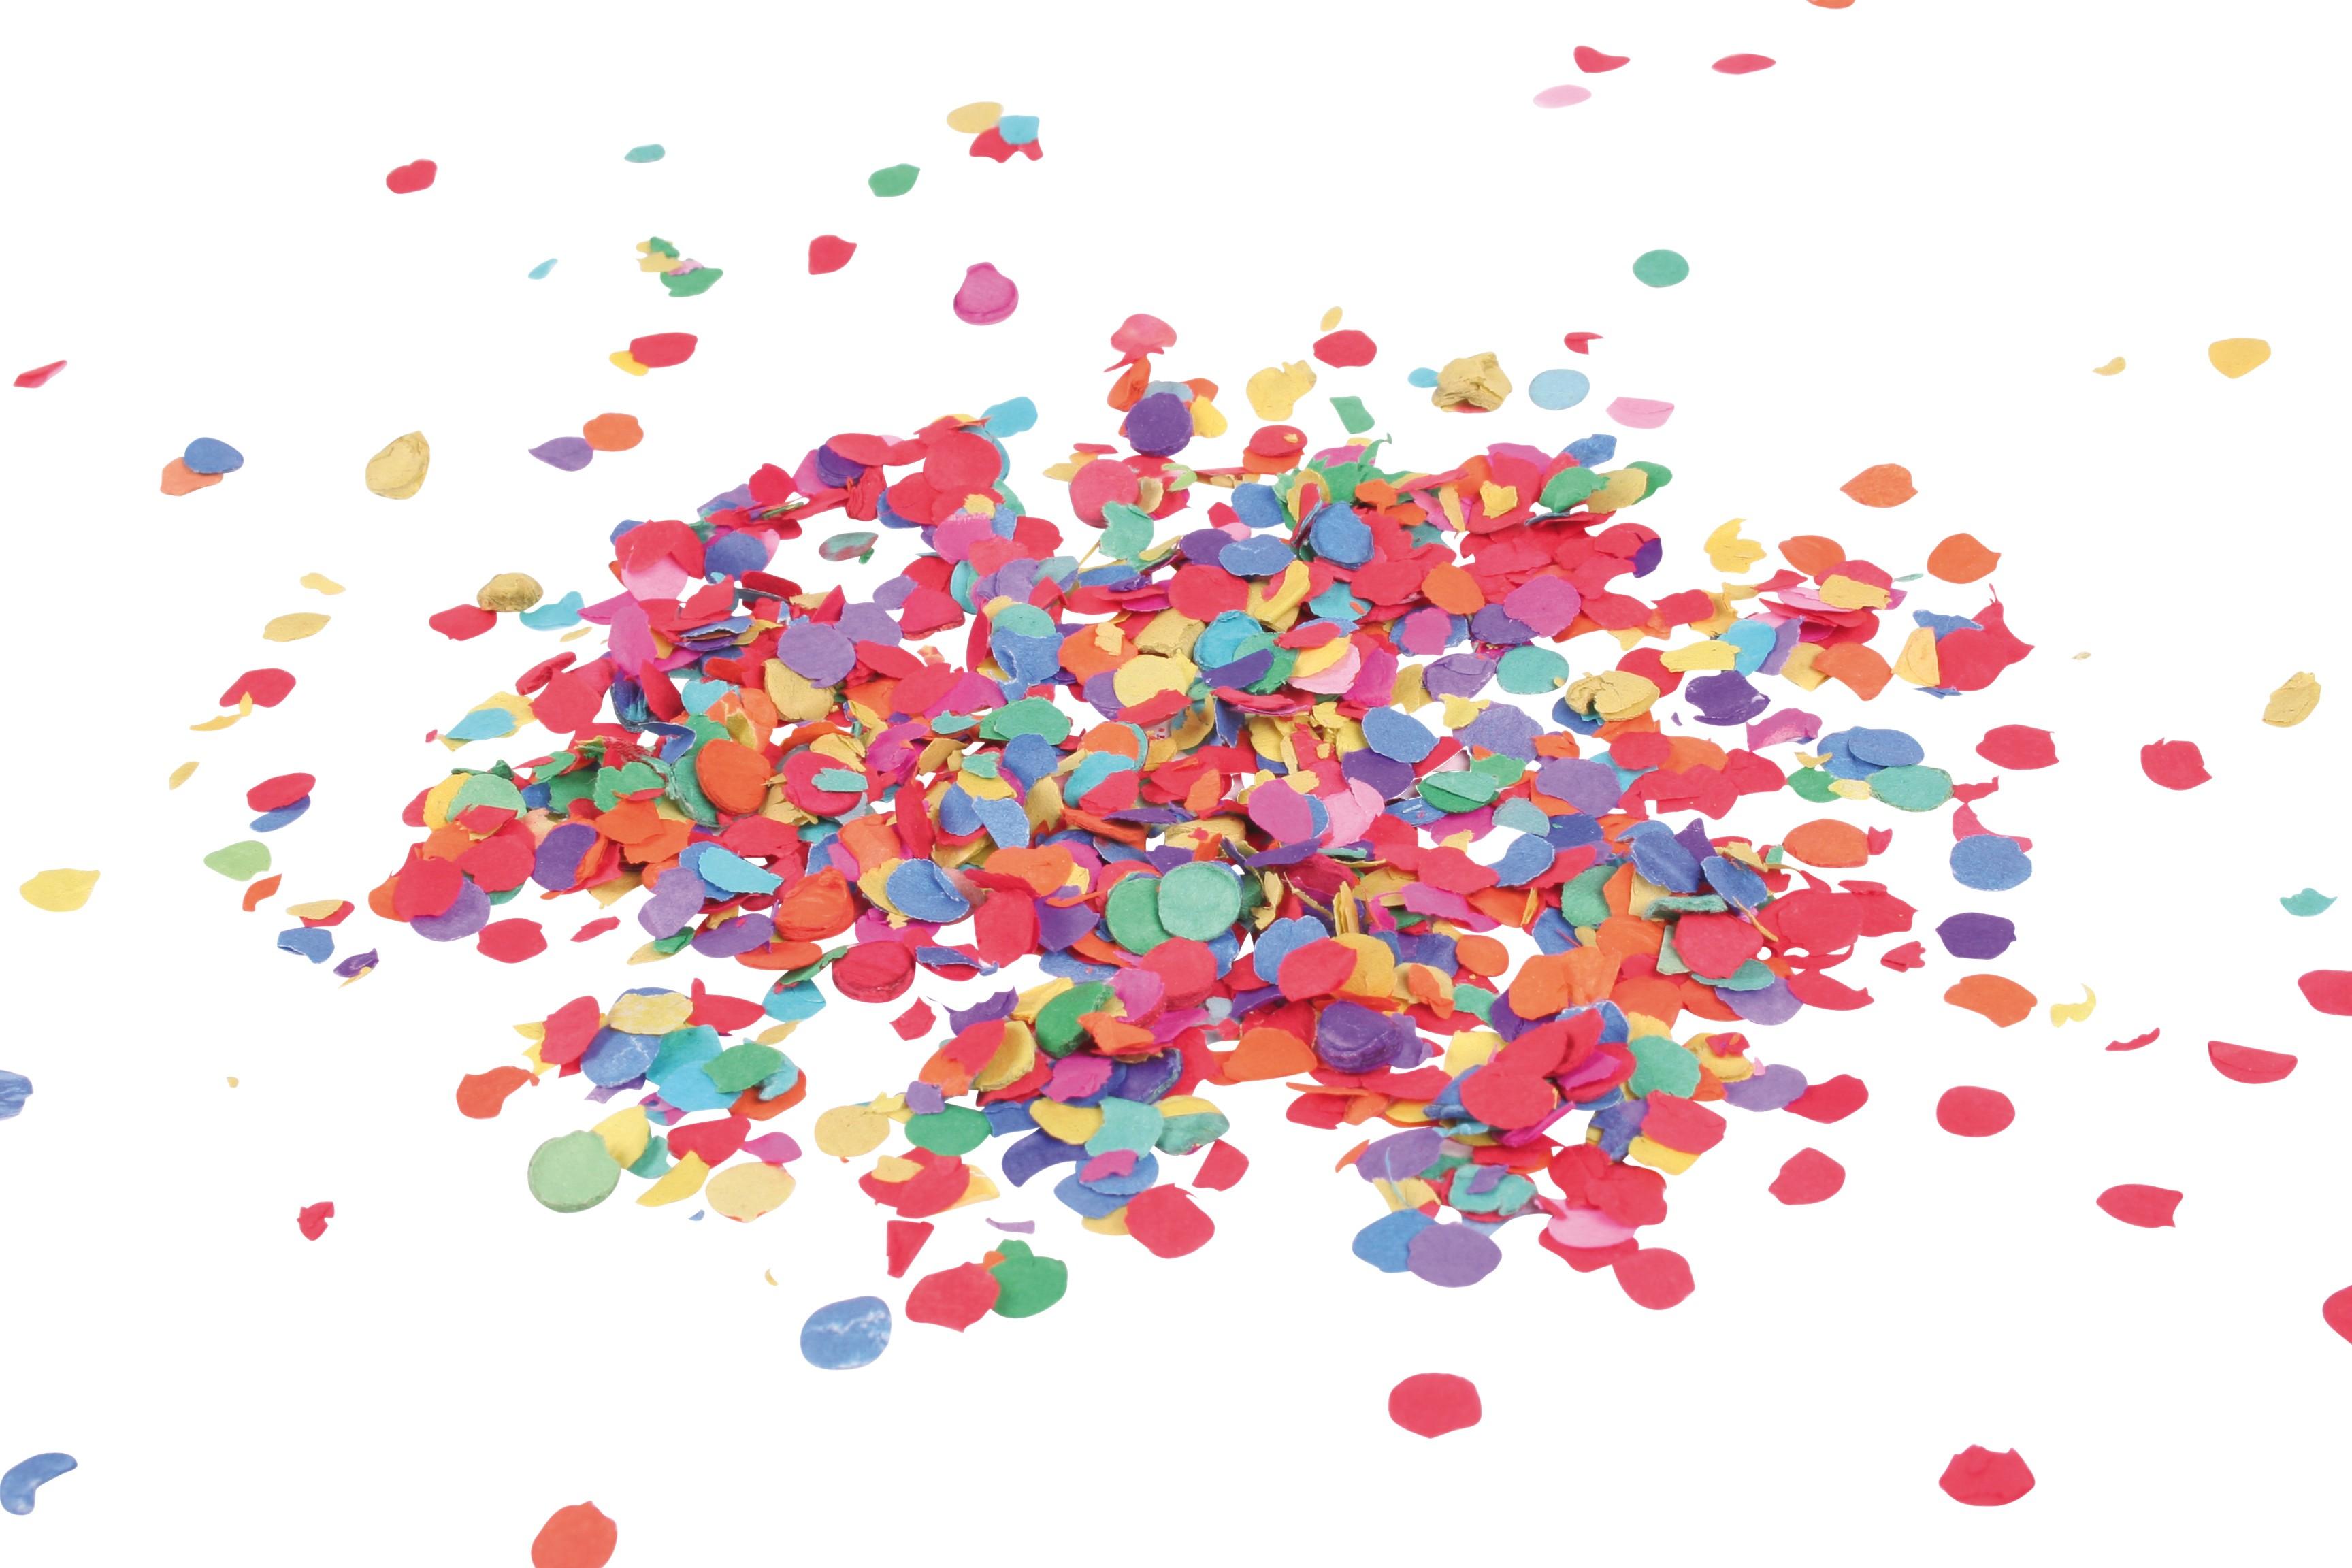 bien fait pour ta gueule paillettes confettis